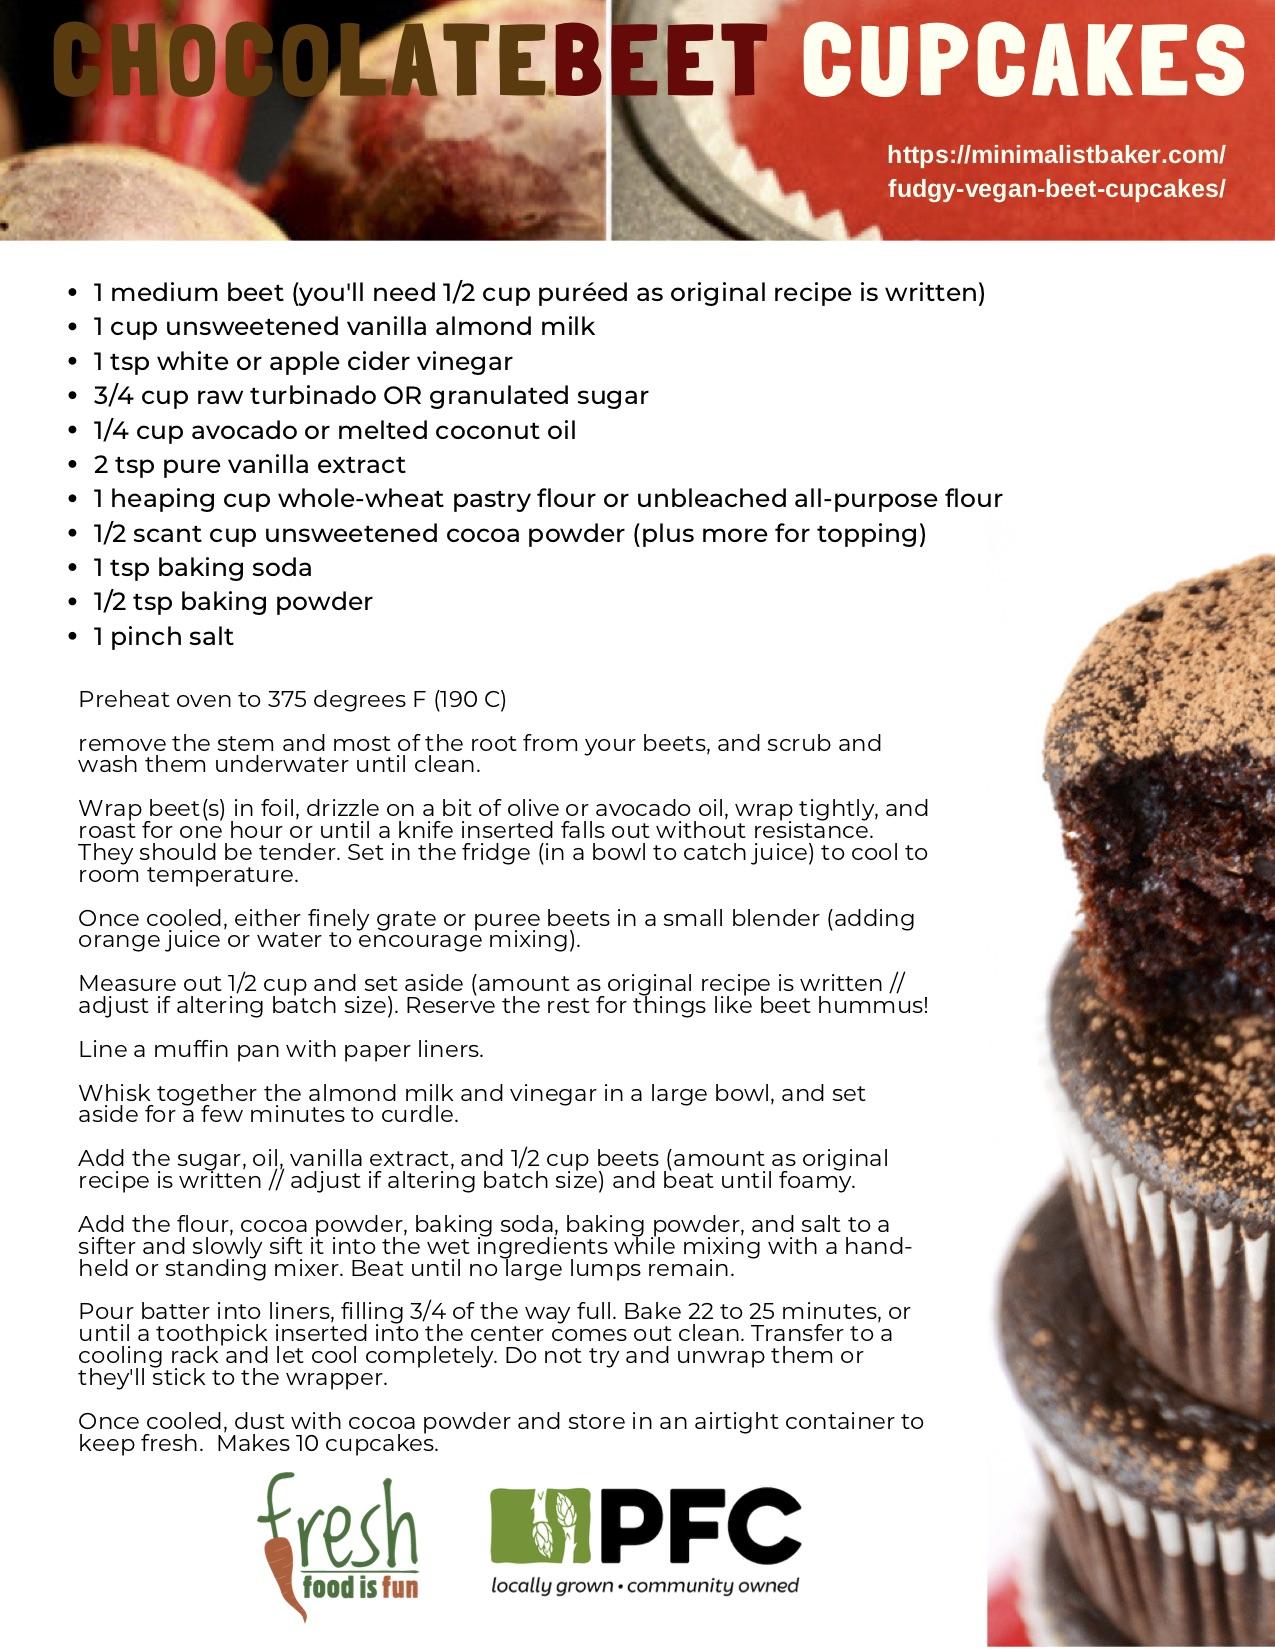 beet cupcakes pic.jpg